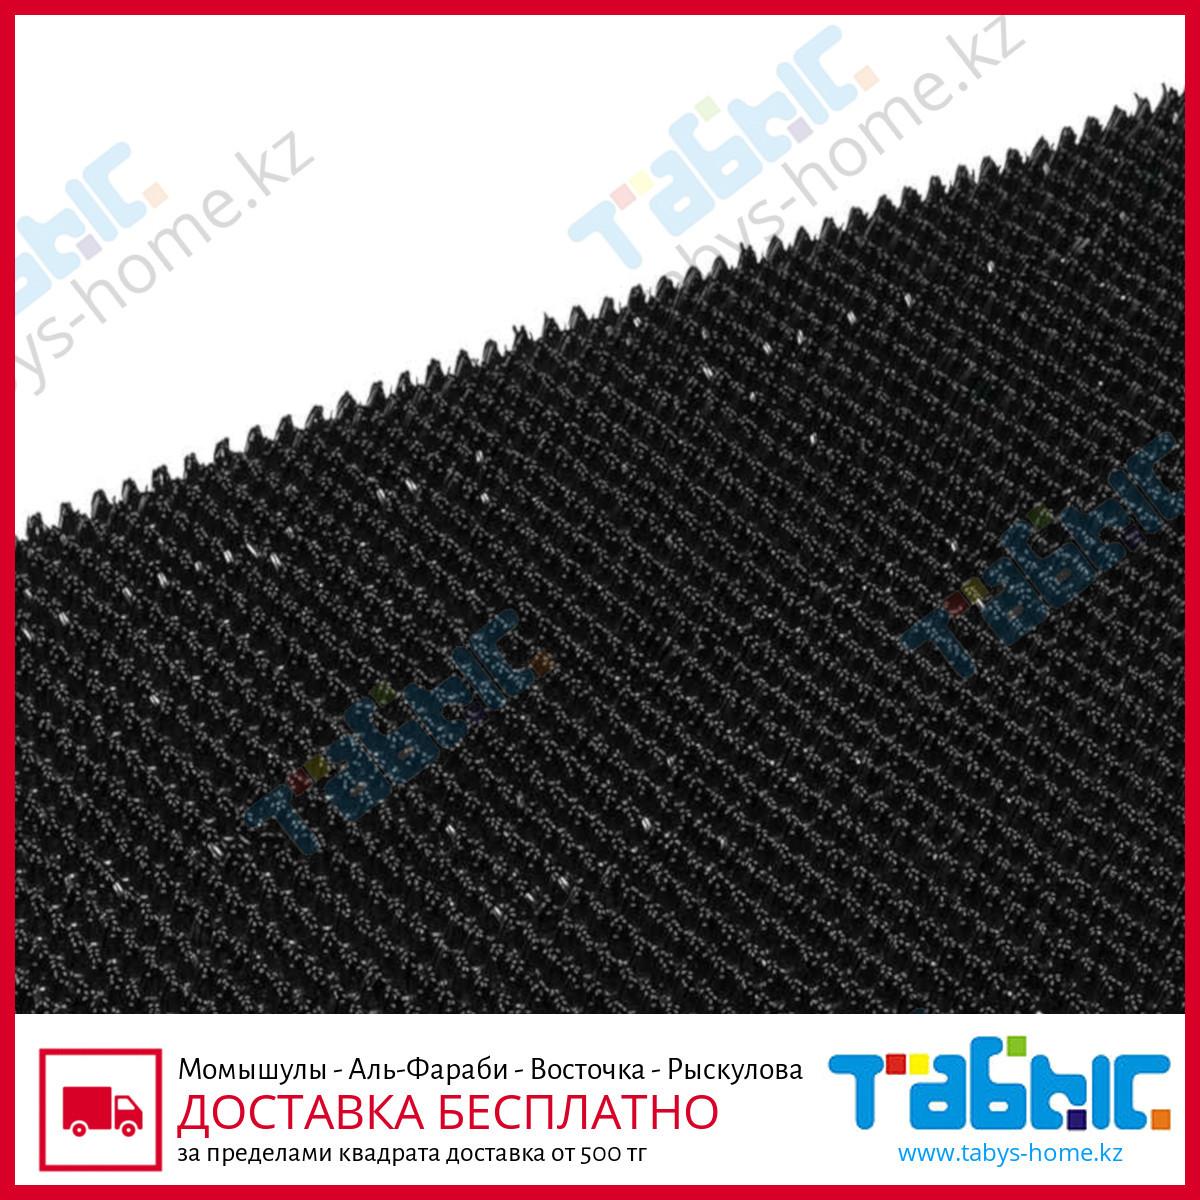 Коврик щетинистый Стандарт 90 см (черный цвет)